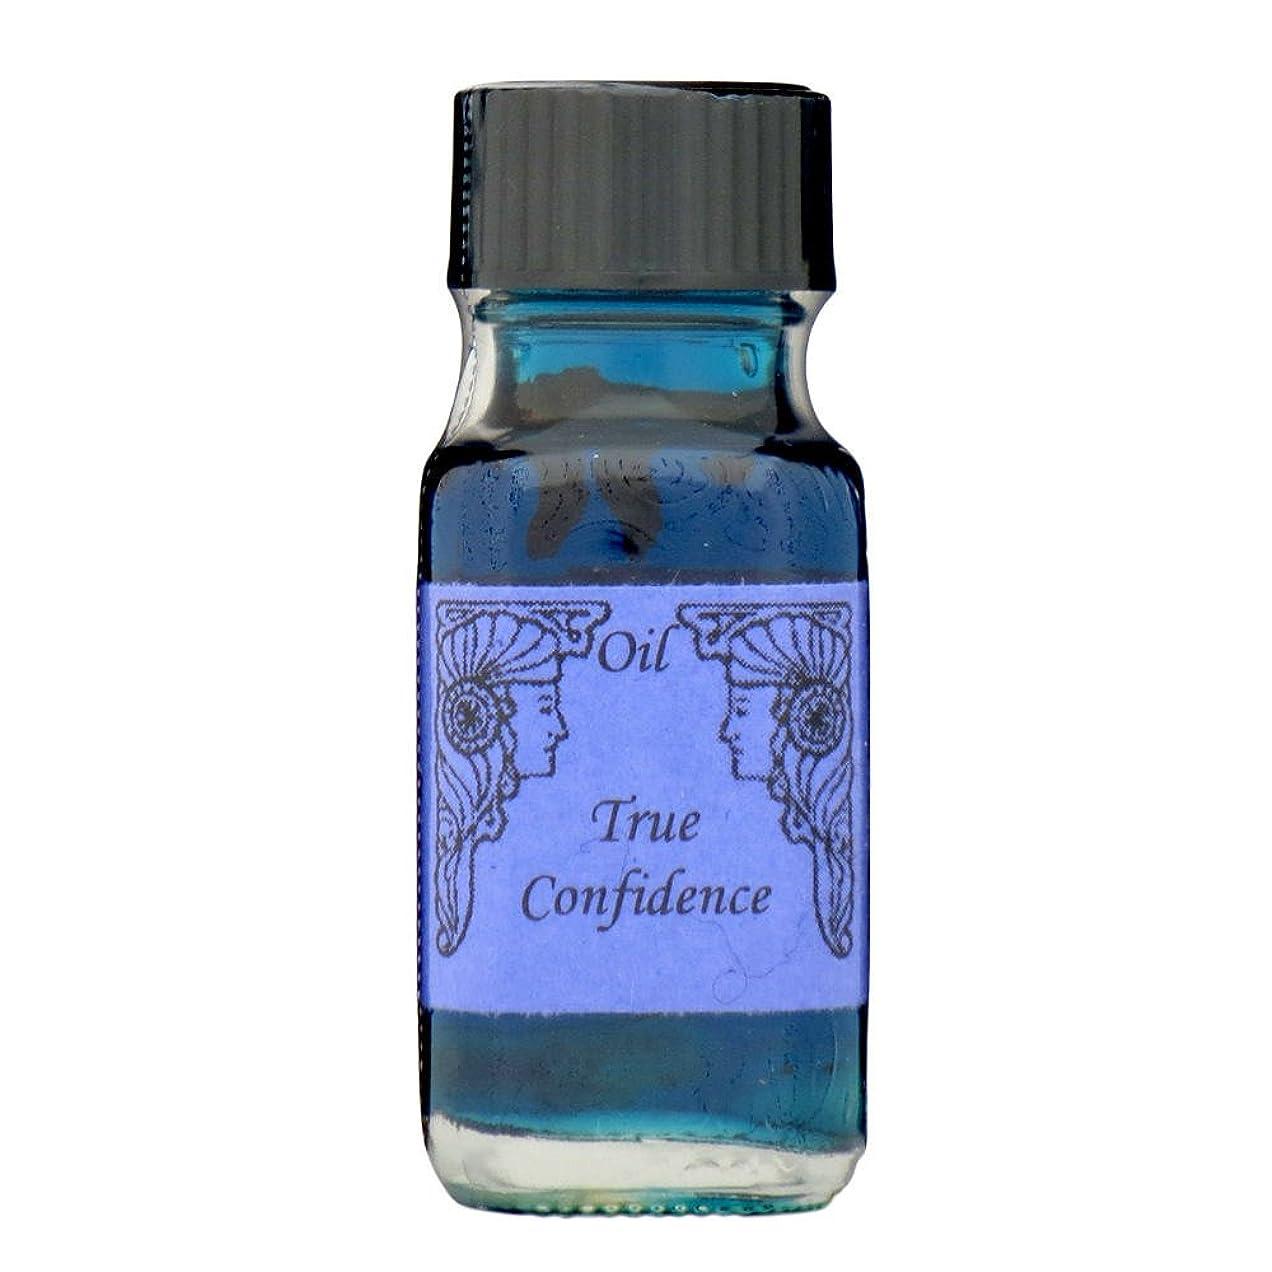 暴露する計器証言アンシェントメモリーオイル トゥルーコンフィデンス (真の自信) 15ml (Ancient Memory Oils)